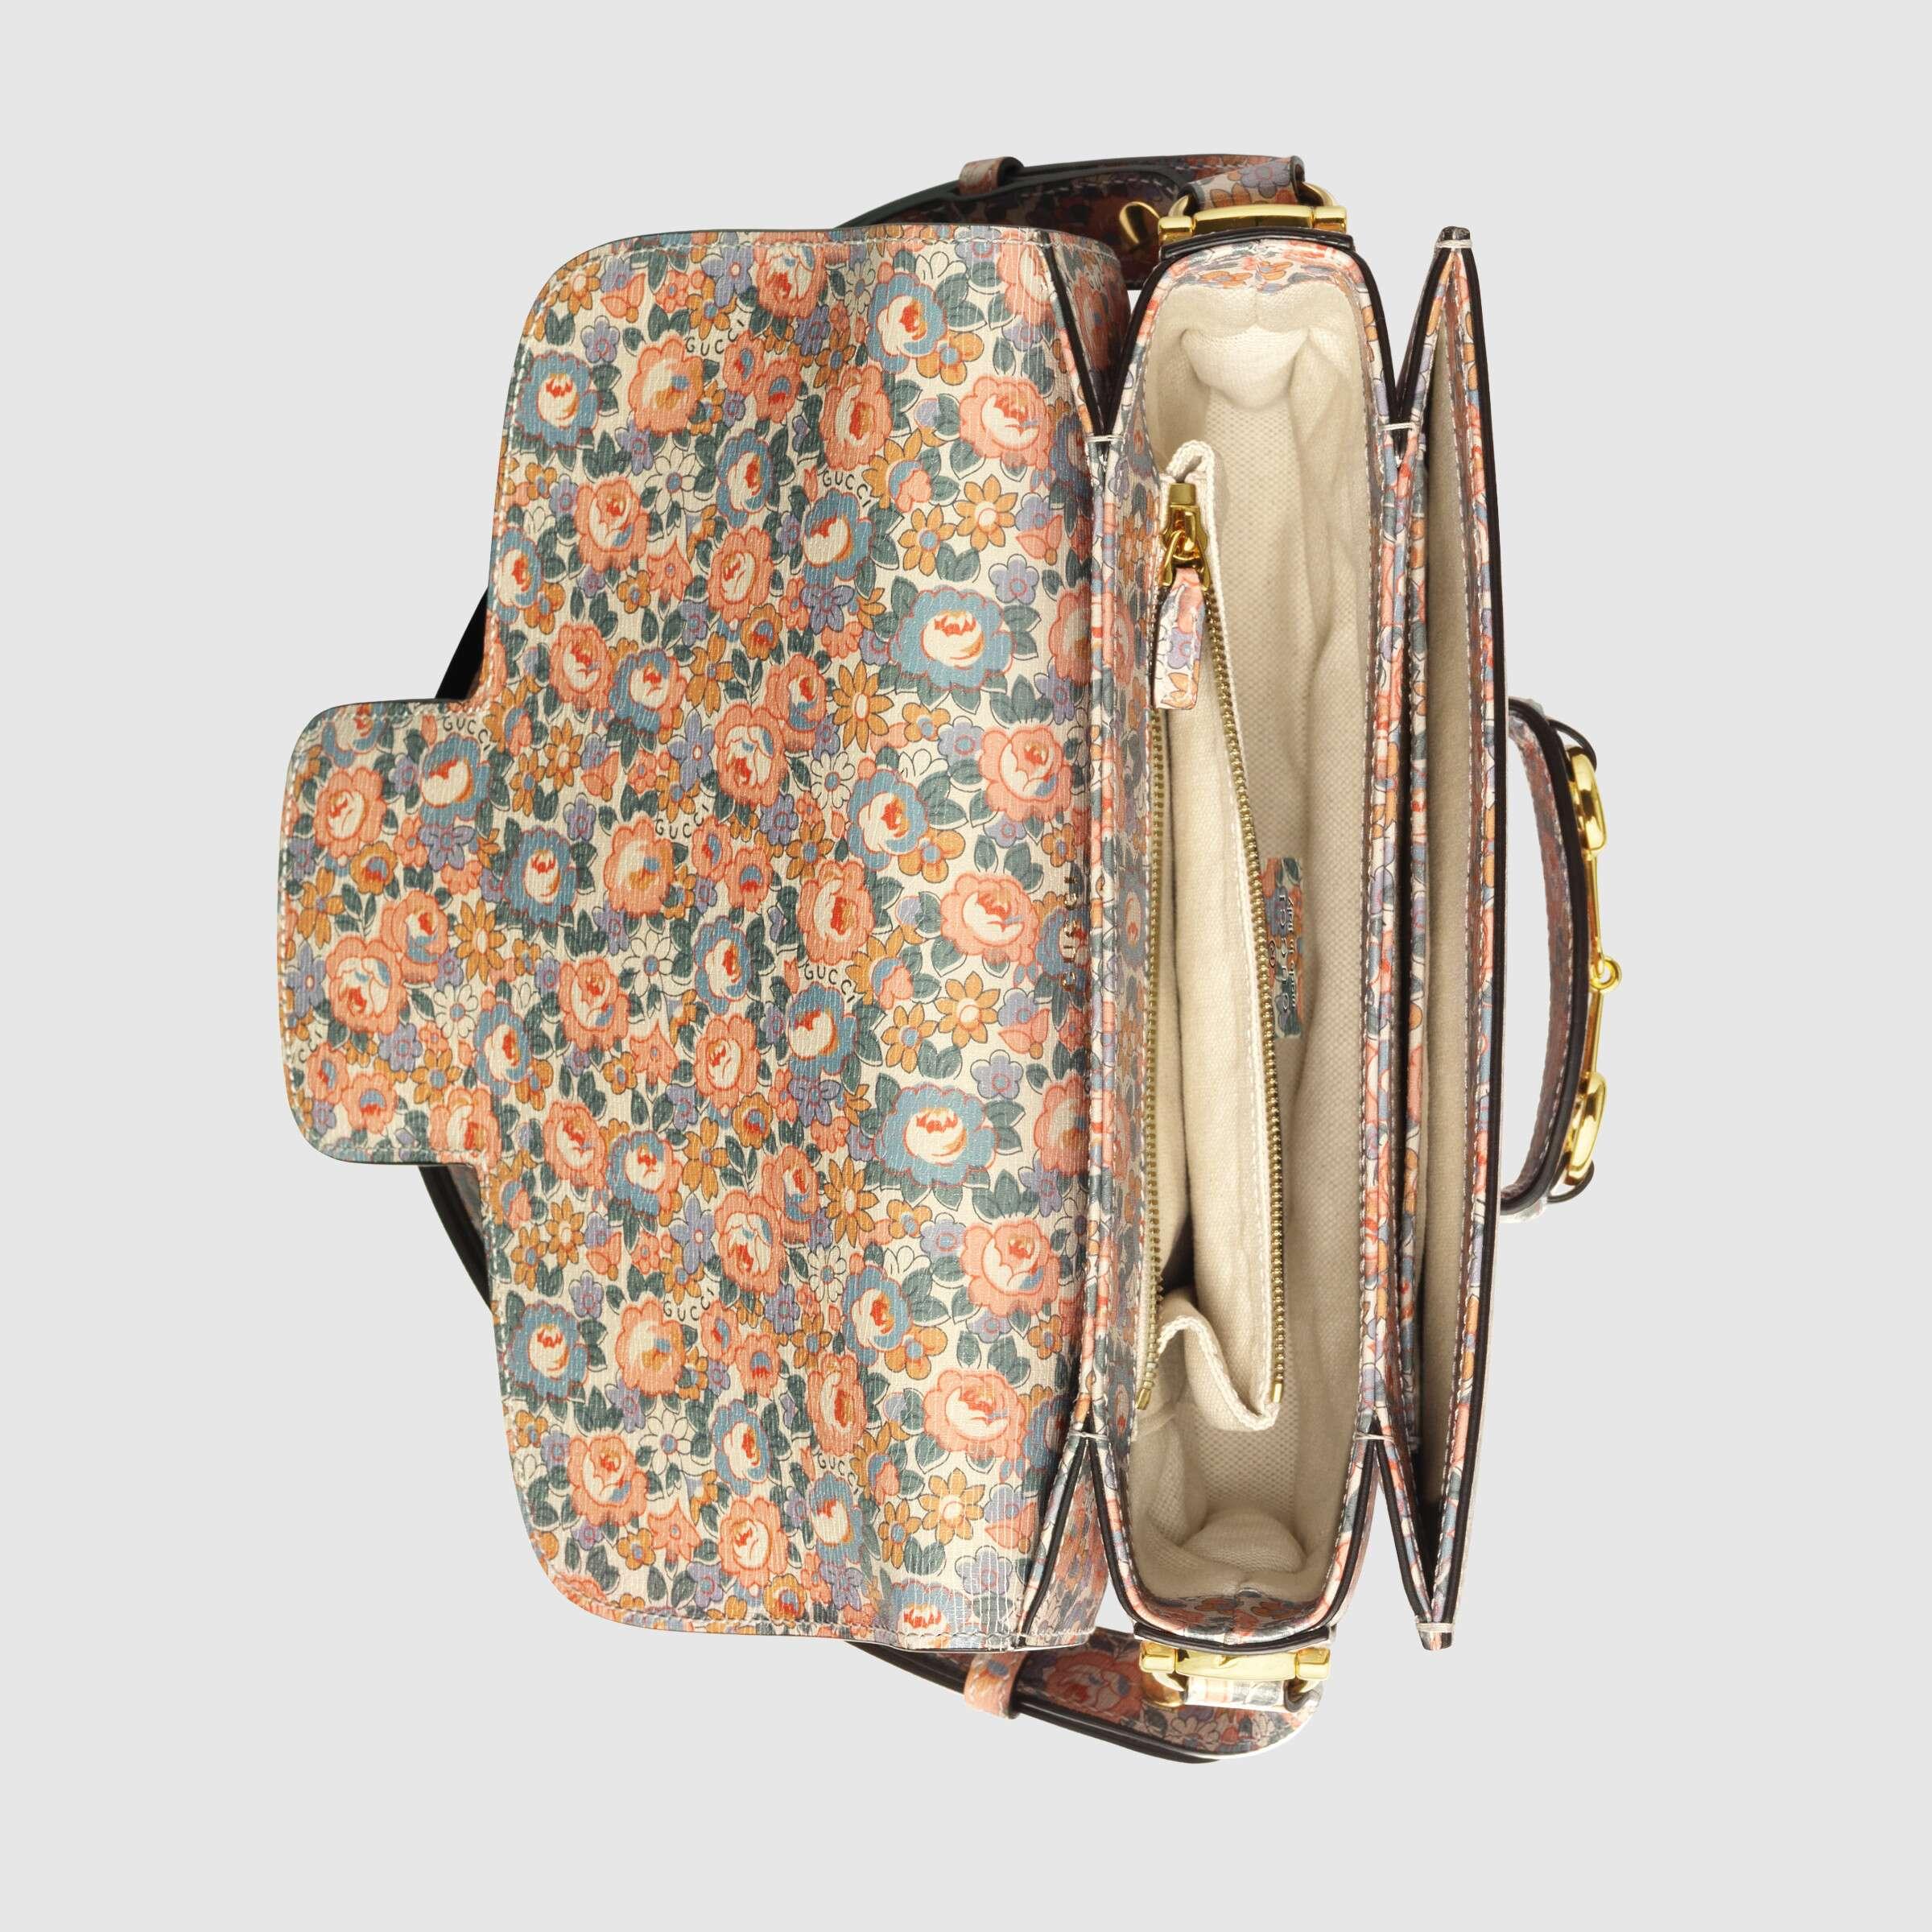 유럽직배송 구찌 GUCCI Gucci - Online Exclusive Gucci Horsebit 1955 Liberty London bag 60220412Q0E5911